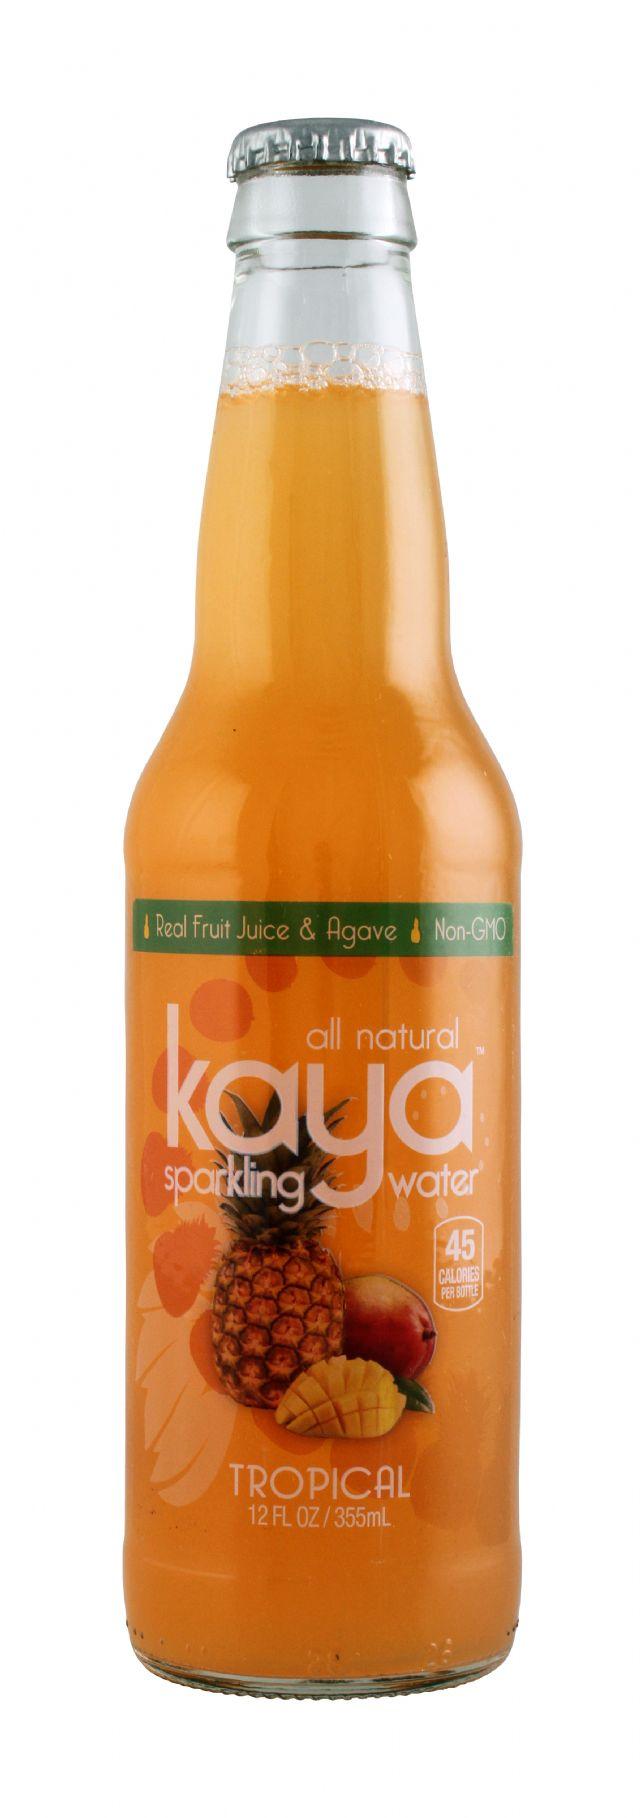 Kaya Sparkling Water: Kaya Tropical Front